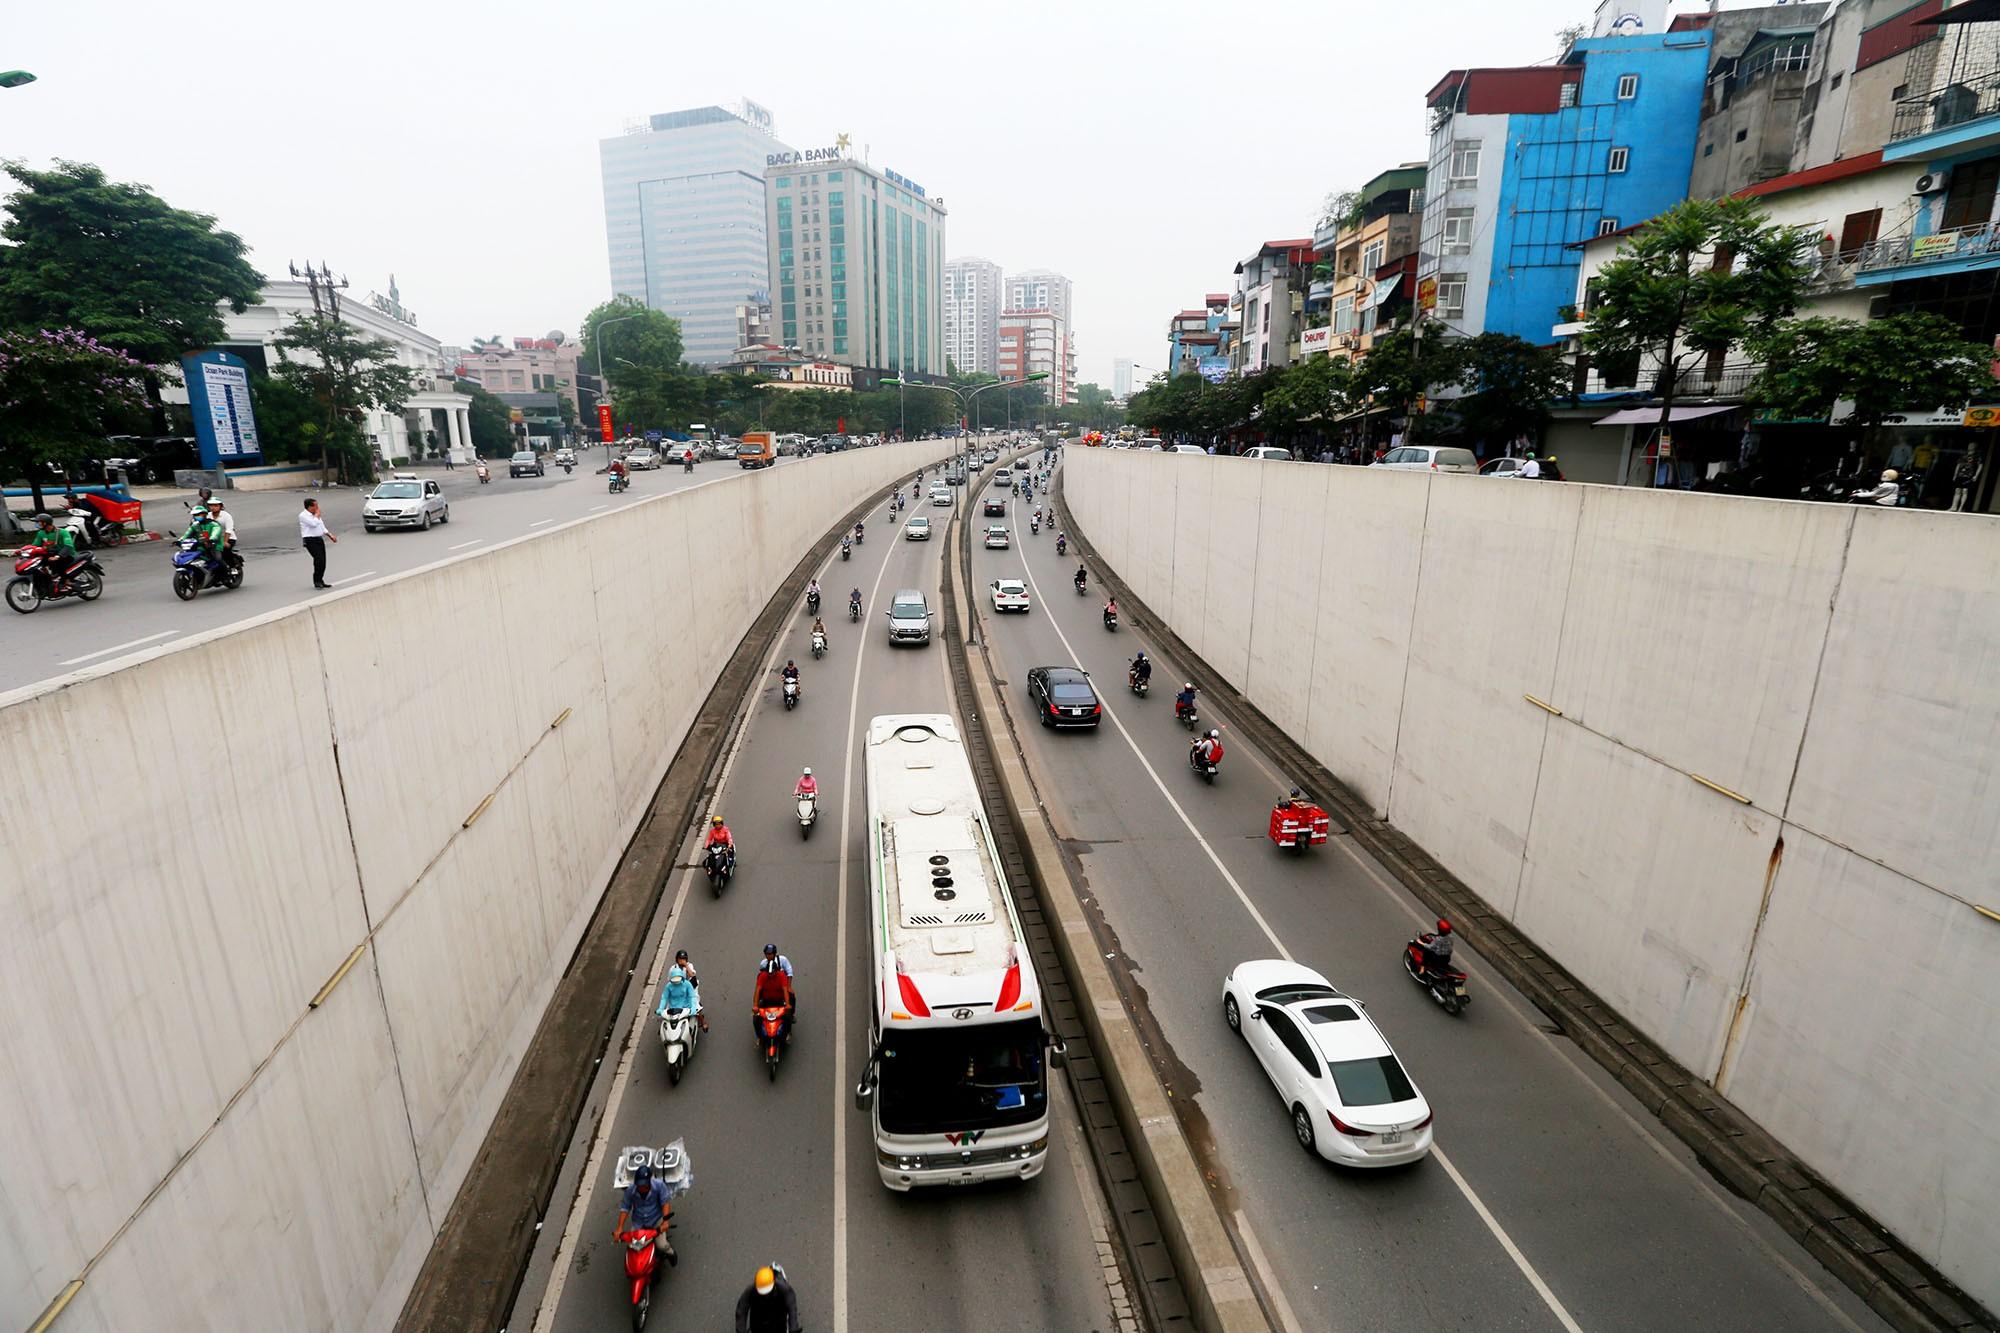 Cận cảnh hầm Kim Liên sau vụ tai nạn thương tâm: Dốc, cua và nhiều phương tiện lấn làn, vượt ẩu - Ảnh 3.